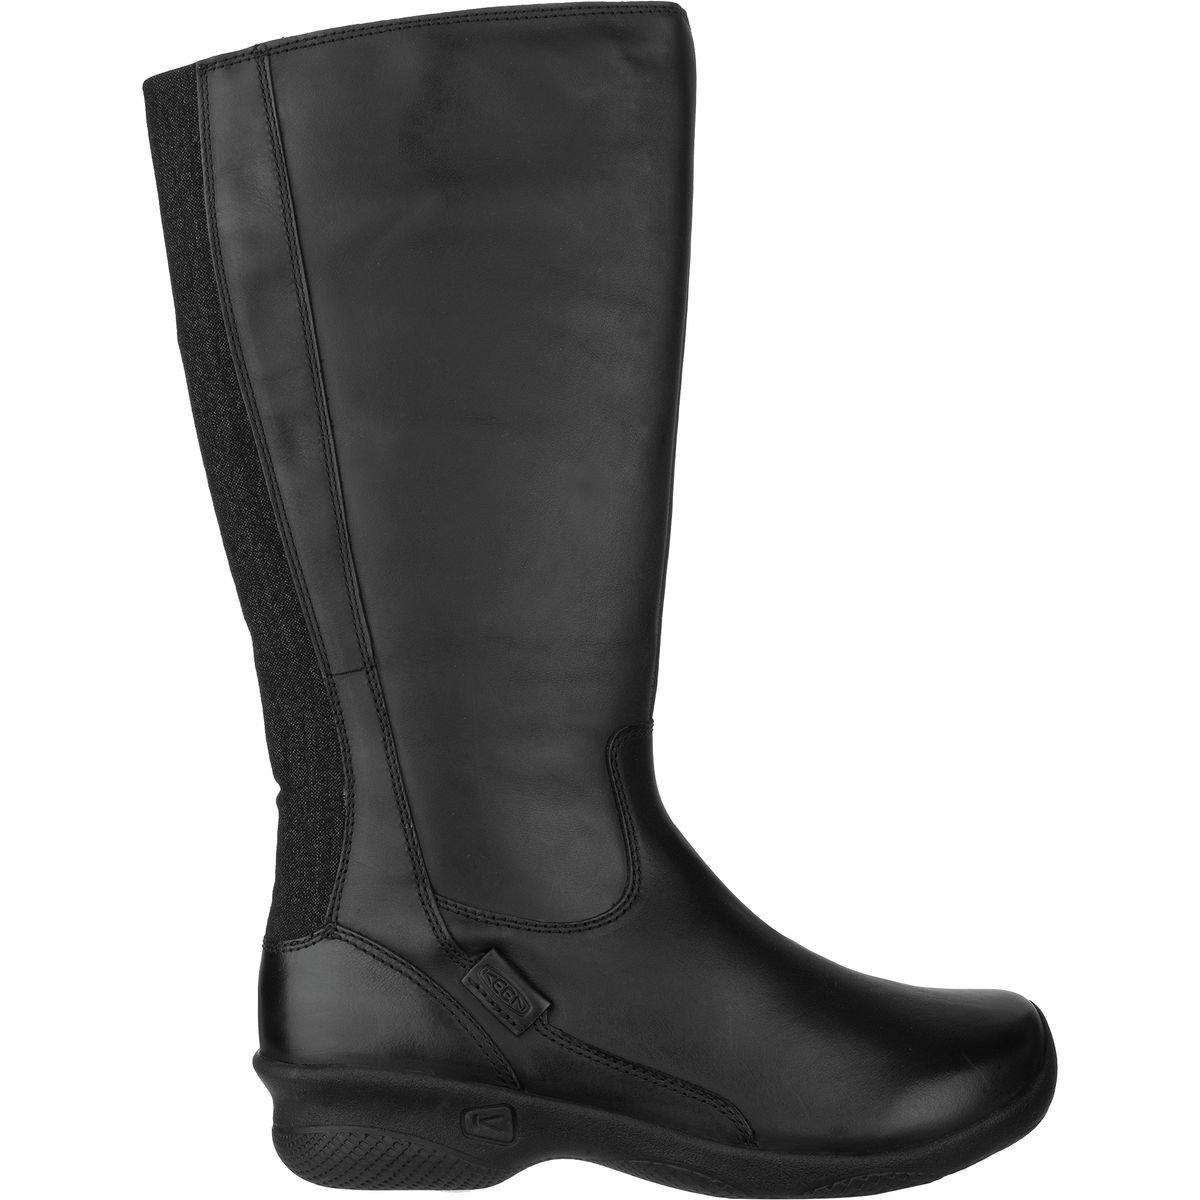 KEEN Women's Baby Bern Ii Wide-w Rain Boot, Black, 9.5 M US